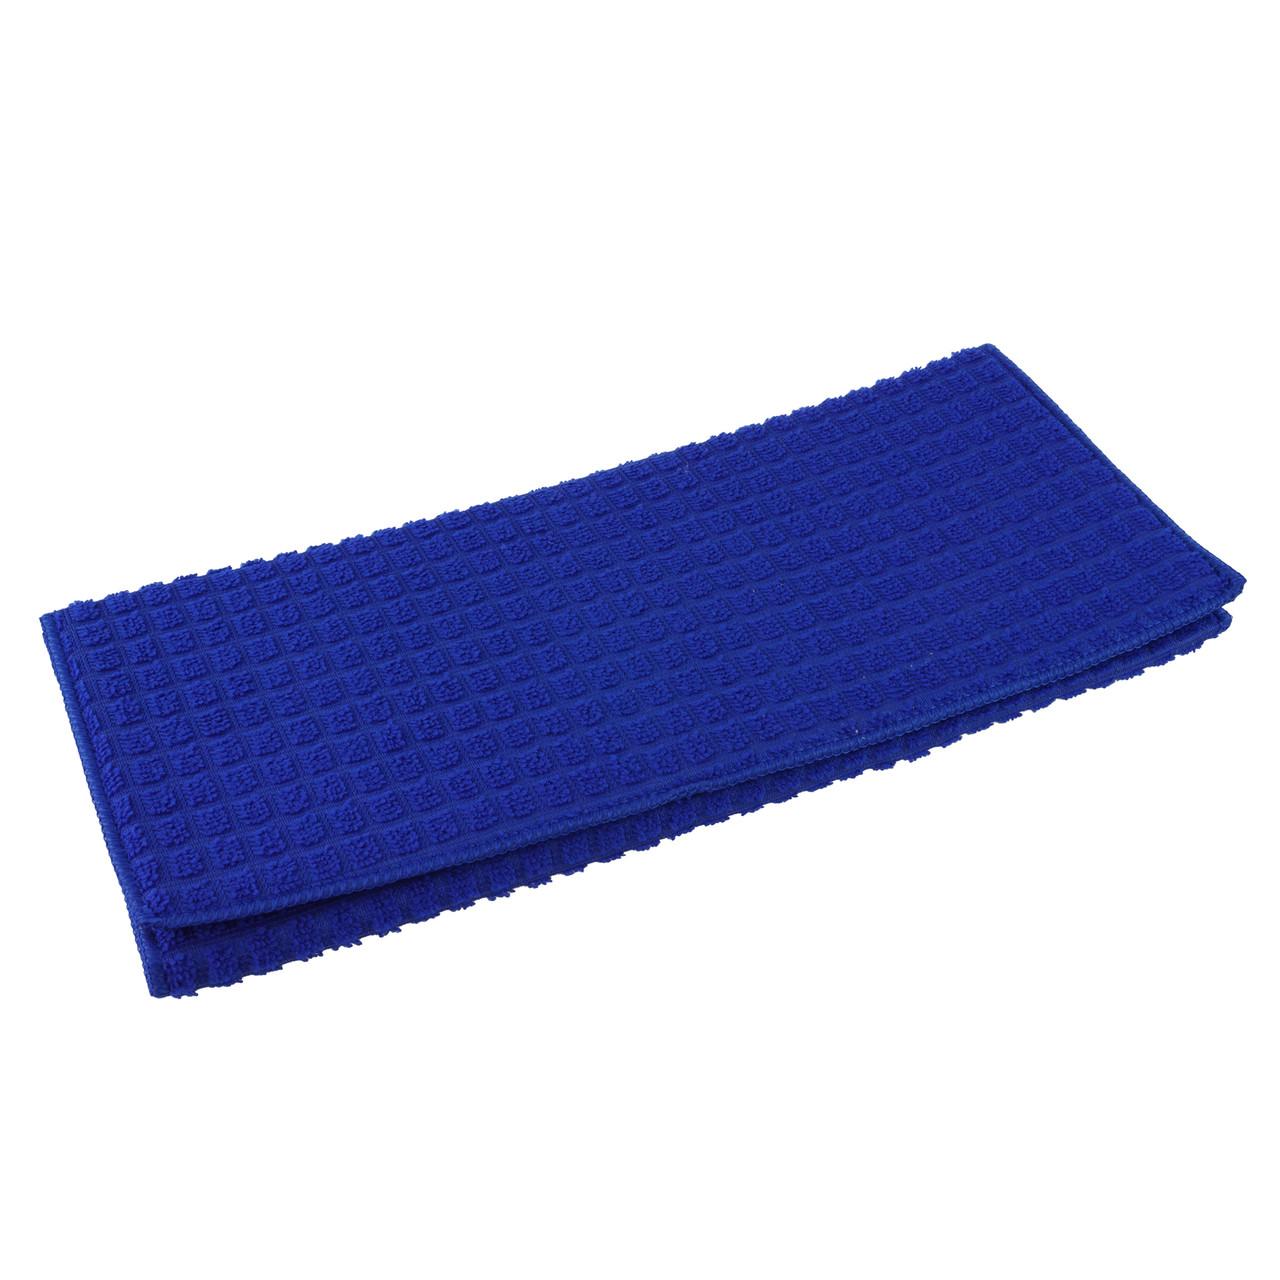 Коврик для сушки посуды 38Х51 см синий